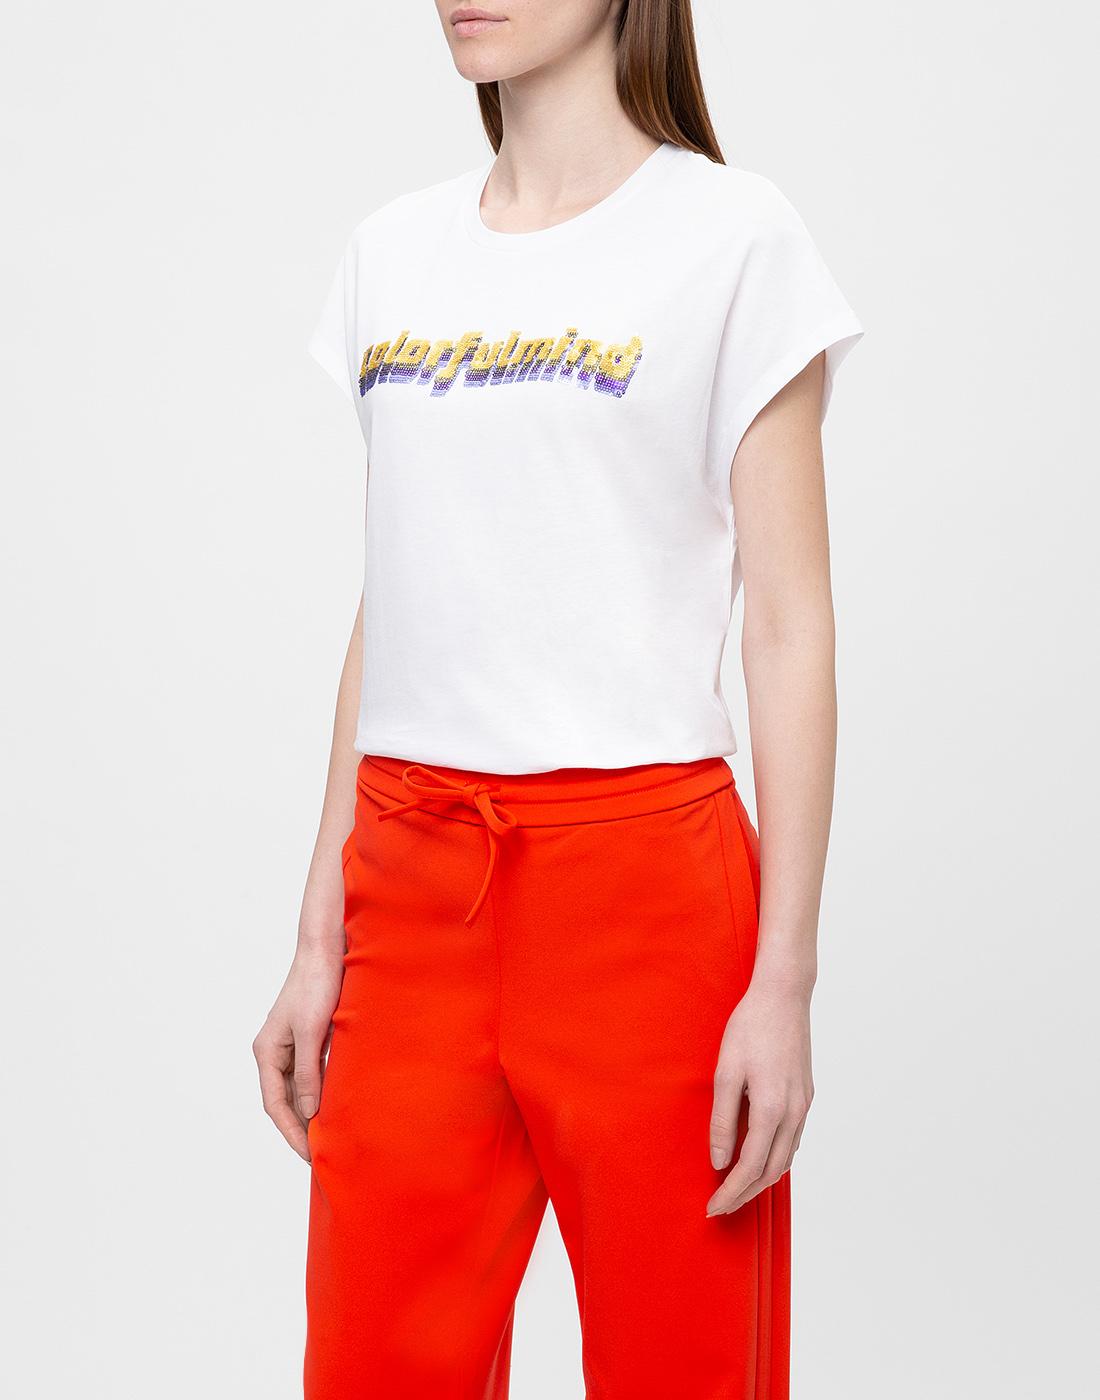 Женская белая футболка с вышивкой пайетками  Dorothee Schumacher S623103/026-3